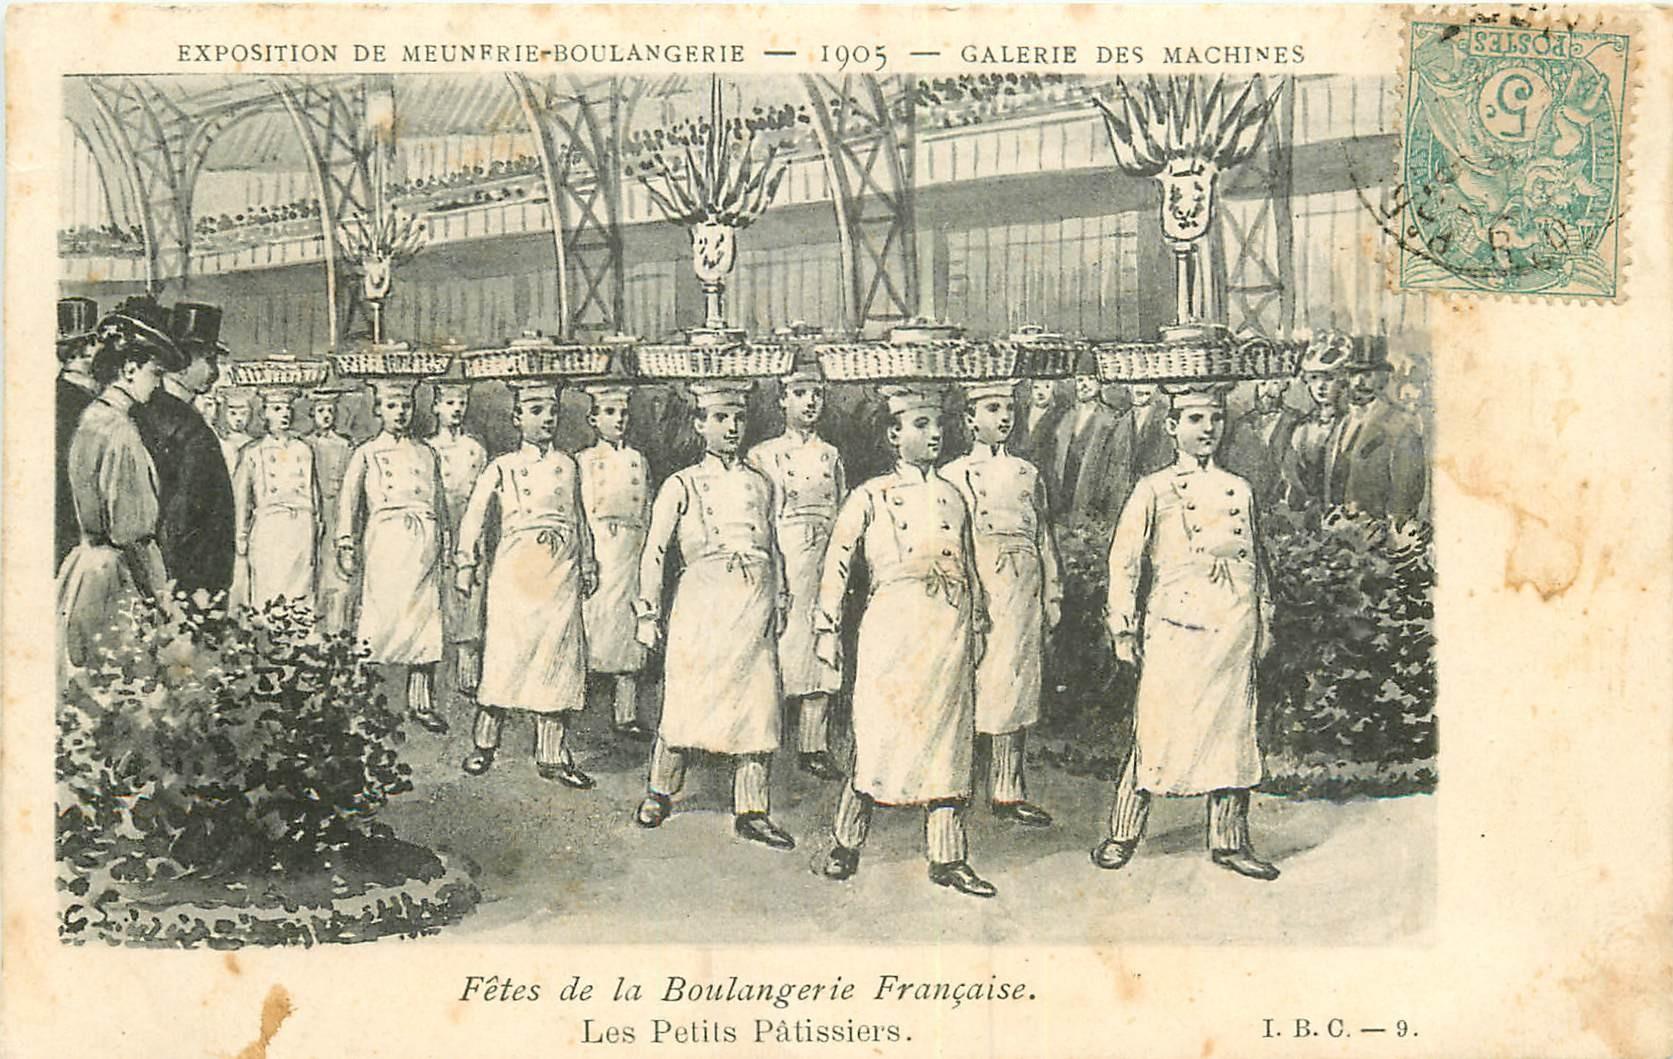 WW Paris Exposition de Meunerie Boulangerie 1905. Les Petits Pâtissiers Galerie Machines